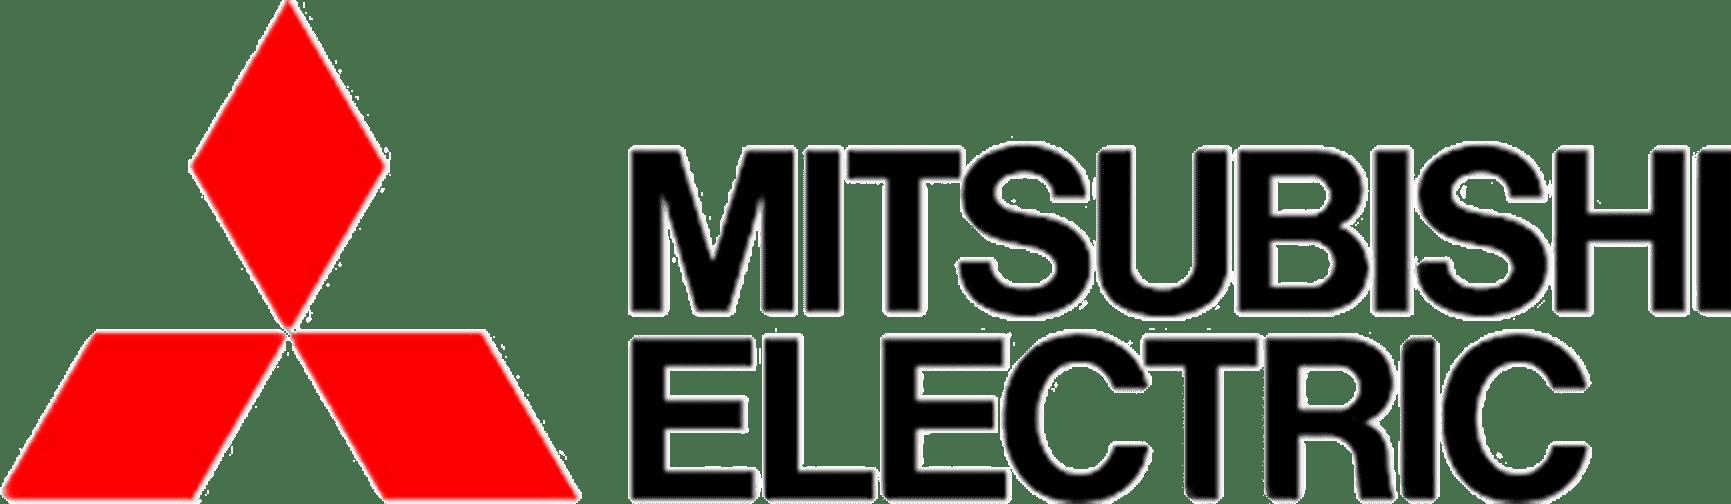 三菱電機 ロゴ